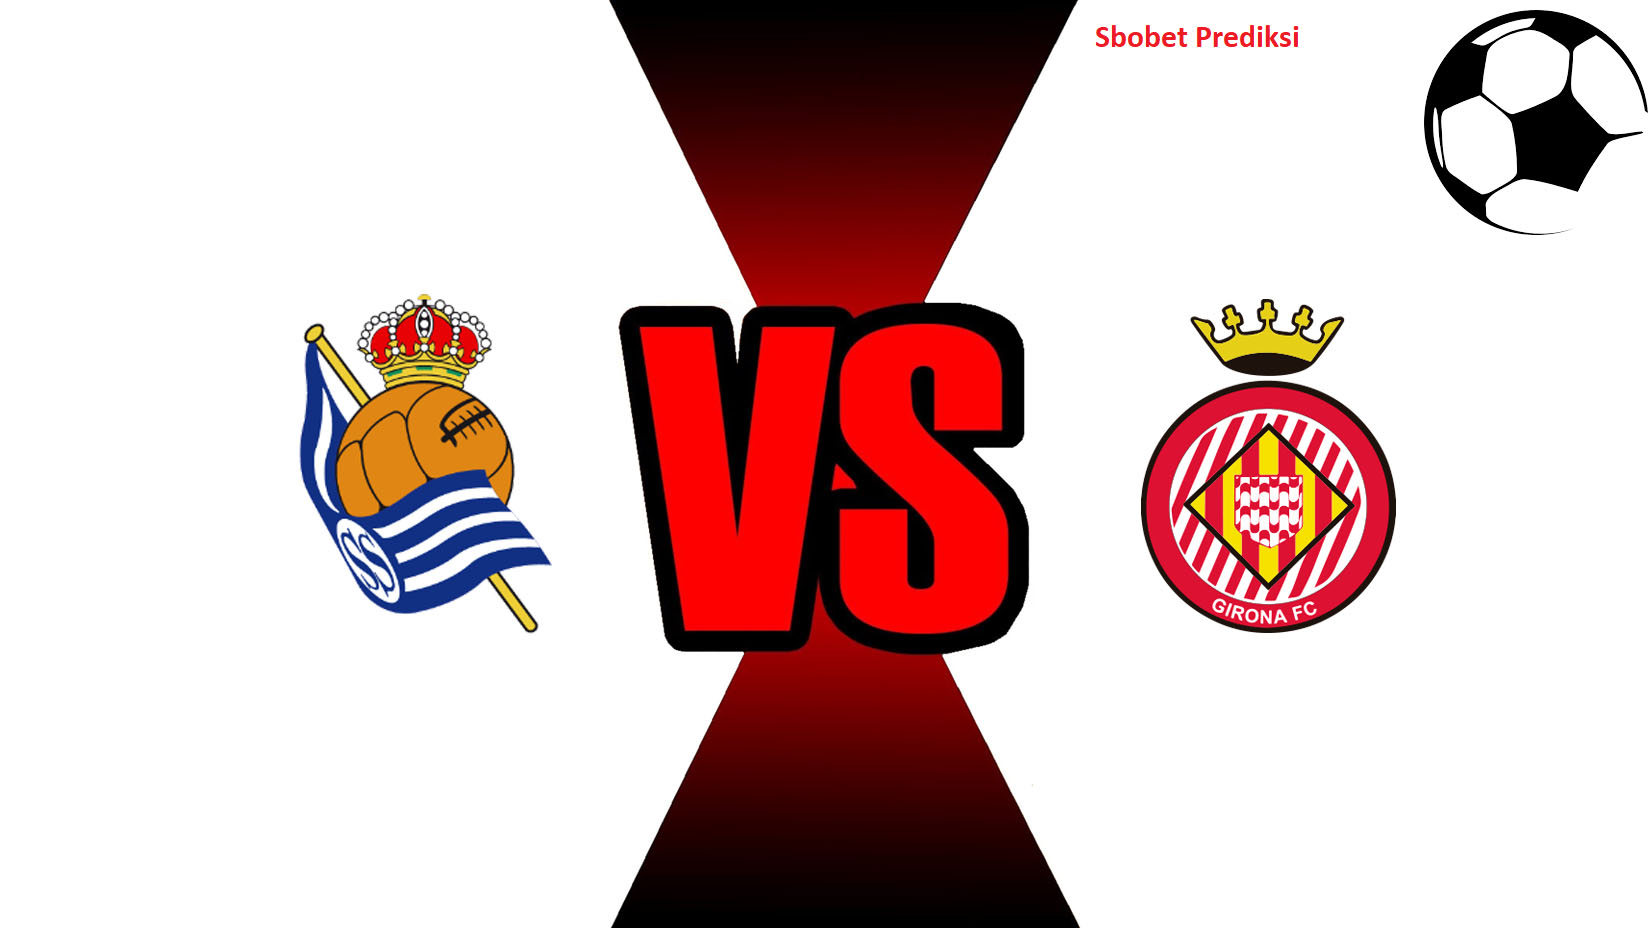 Prediksi Skor Bola Online Real Sociedad vs Girona 23 Oktober 2018